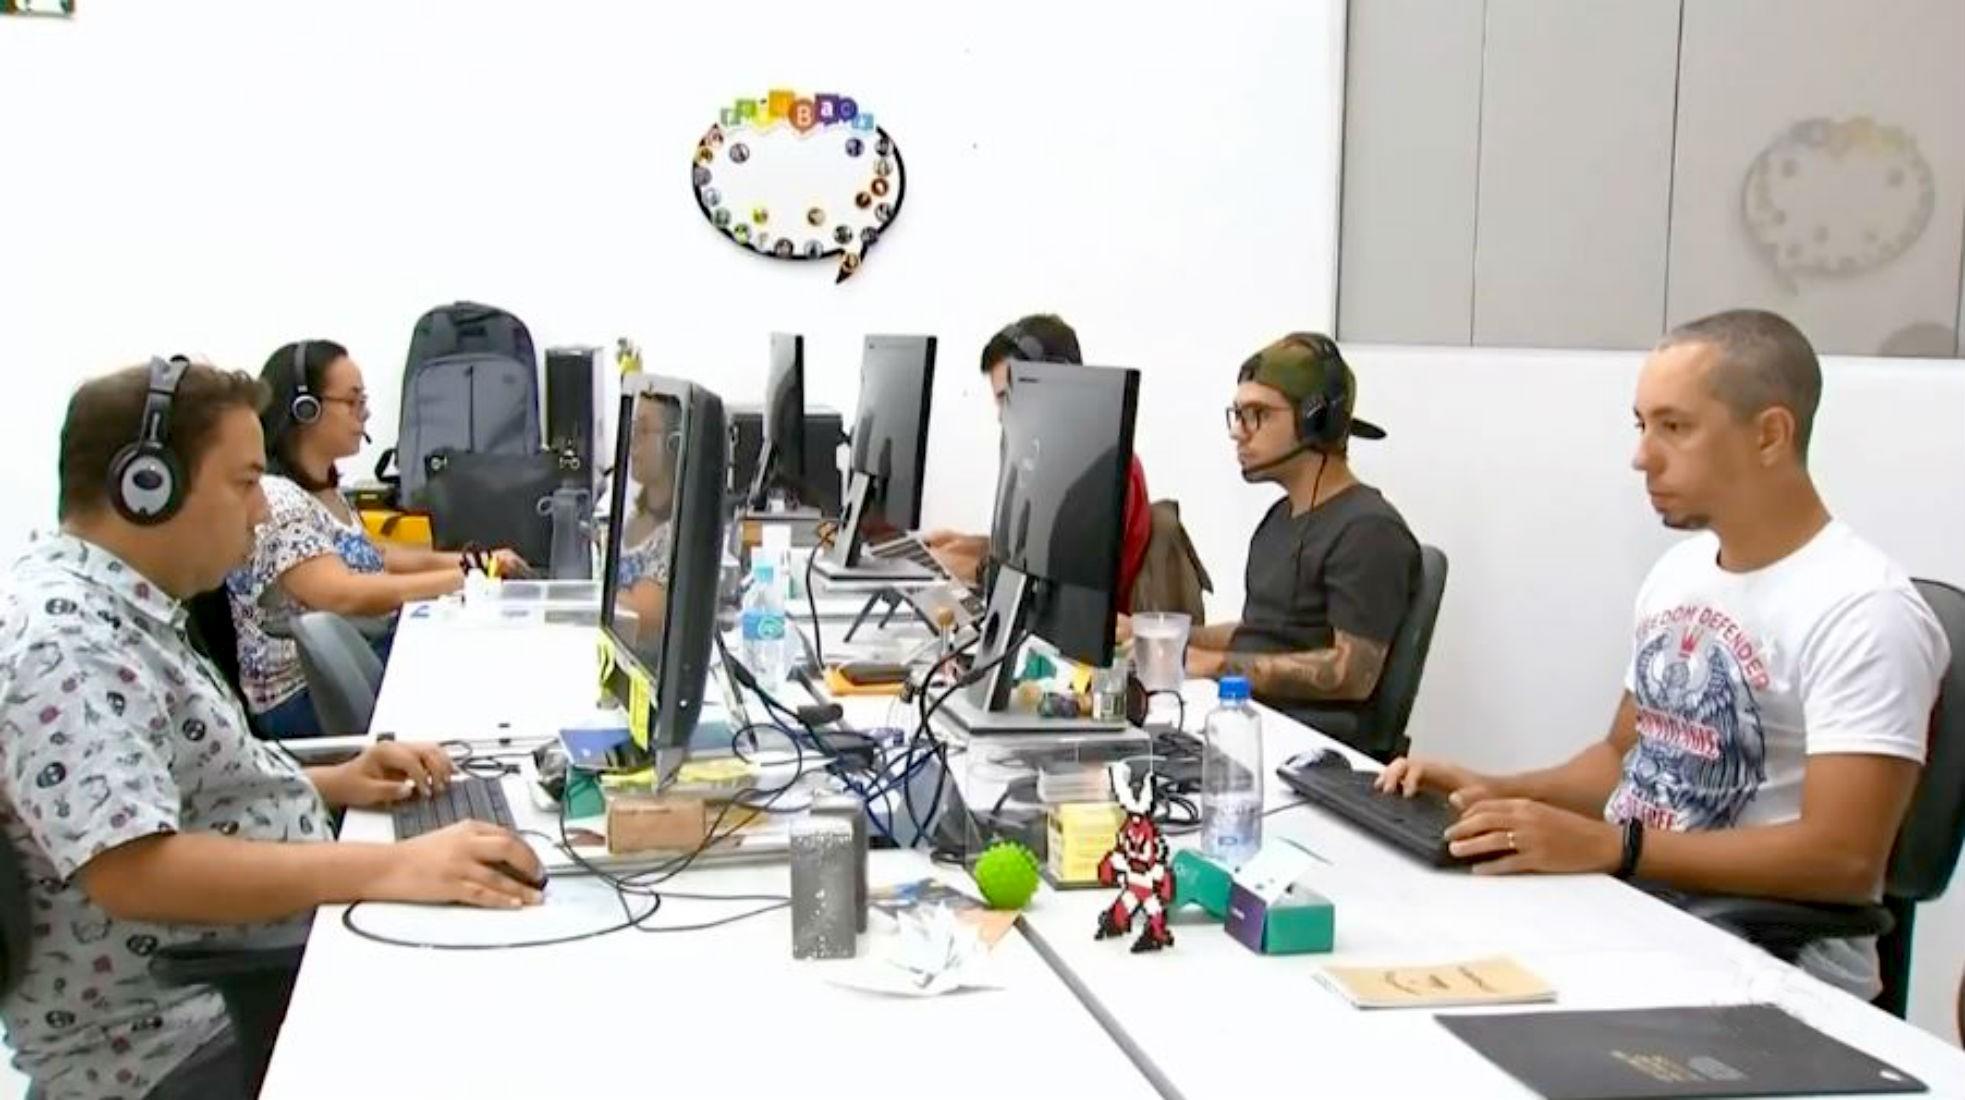 'Fábricas de startups' ganham espaço no mercado na região de Bauru - Notícias - Plantão Diário